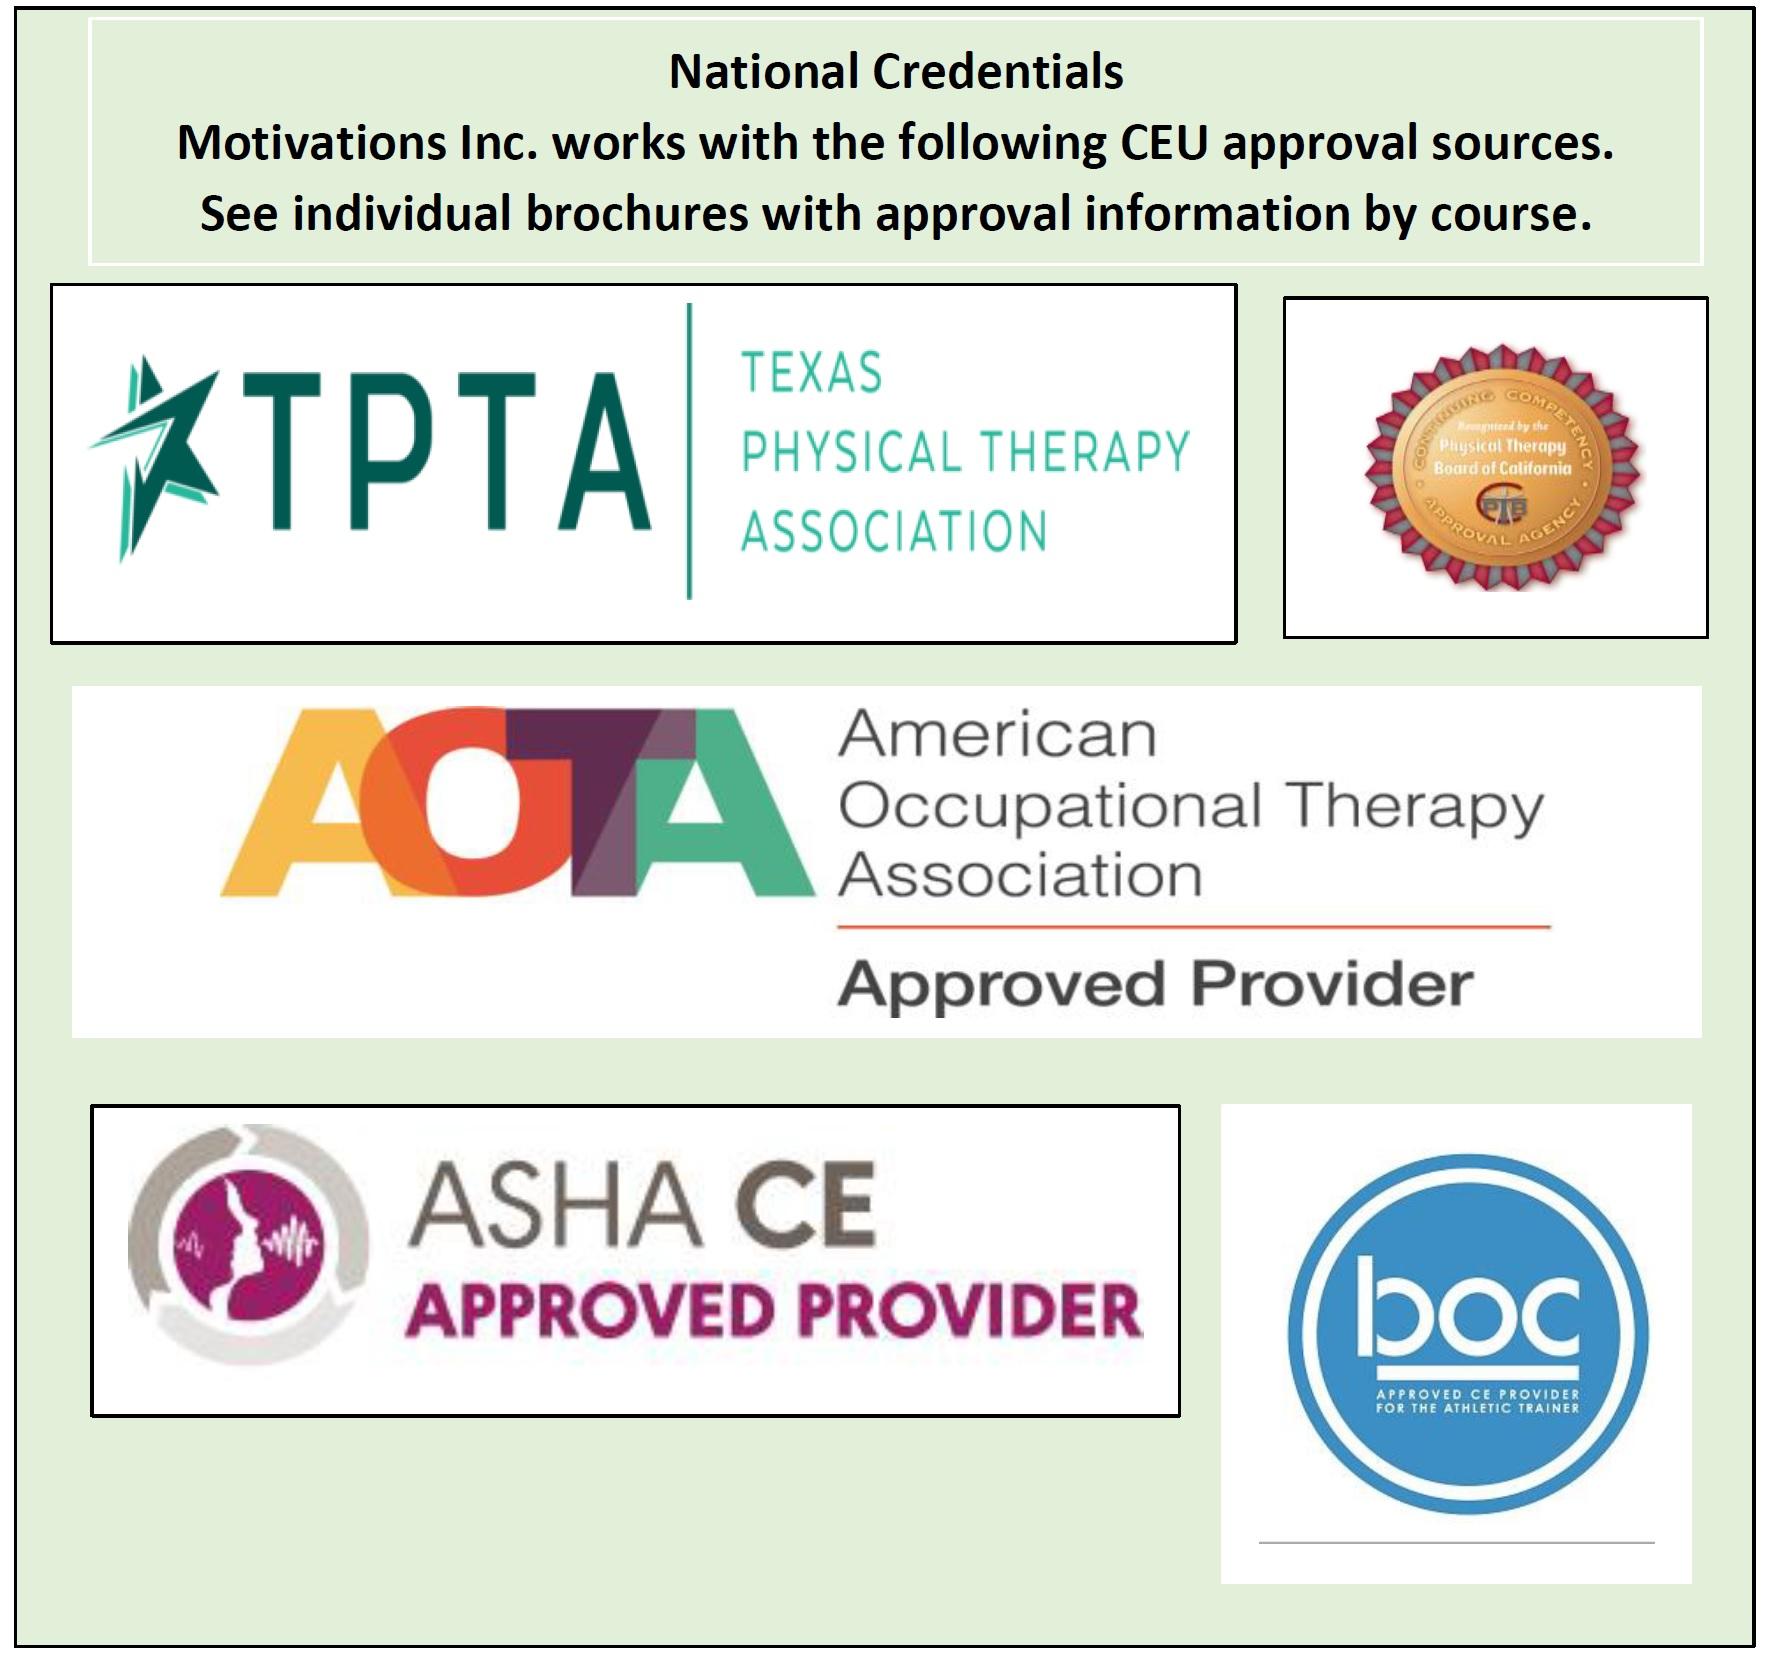 2016 Motivations Credentials Logo-emarkeing